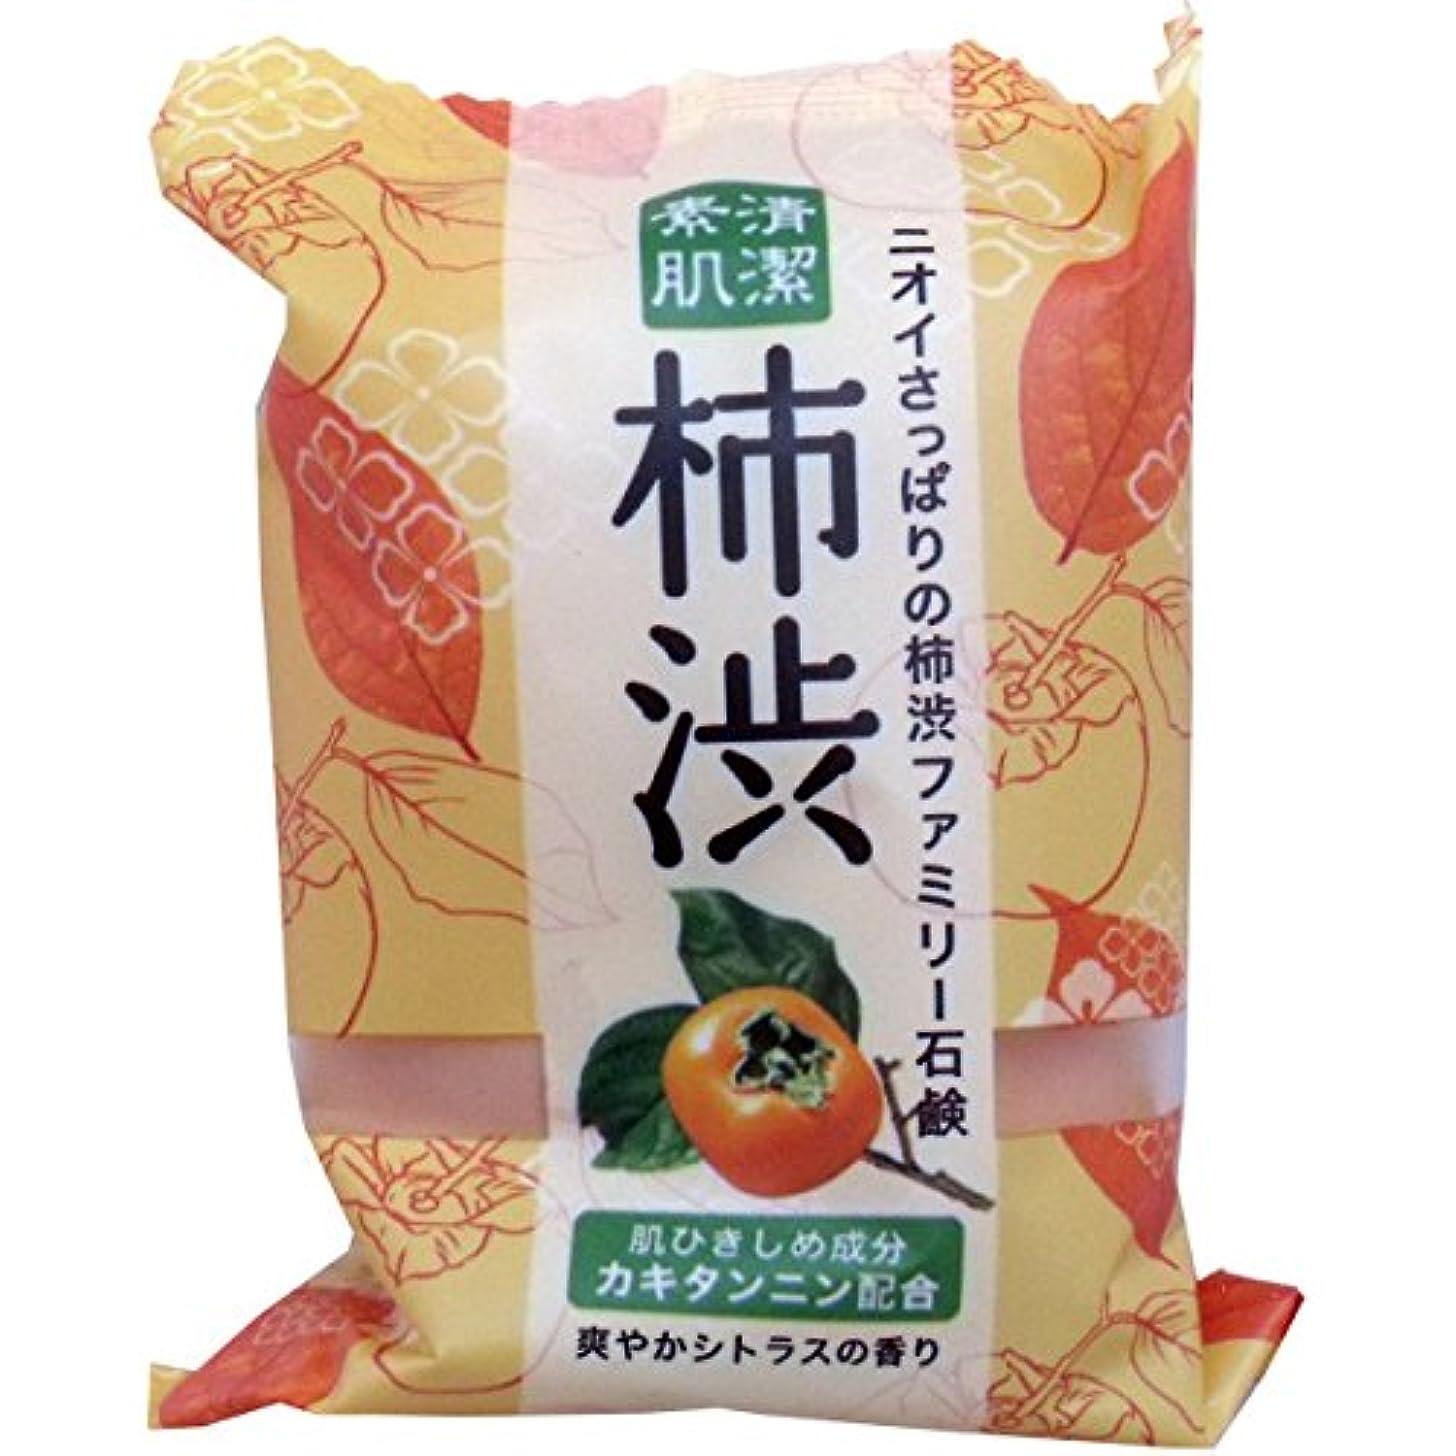 推進雰囲気ベストペリカン石鹸 ファミリー柿渋石鹸(1個) ×2セット